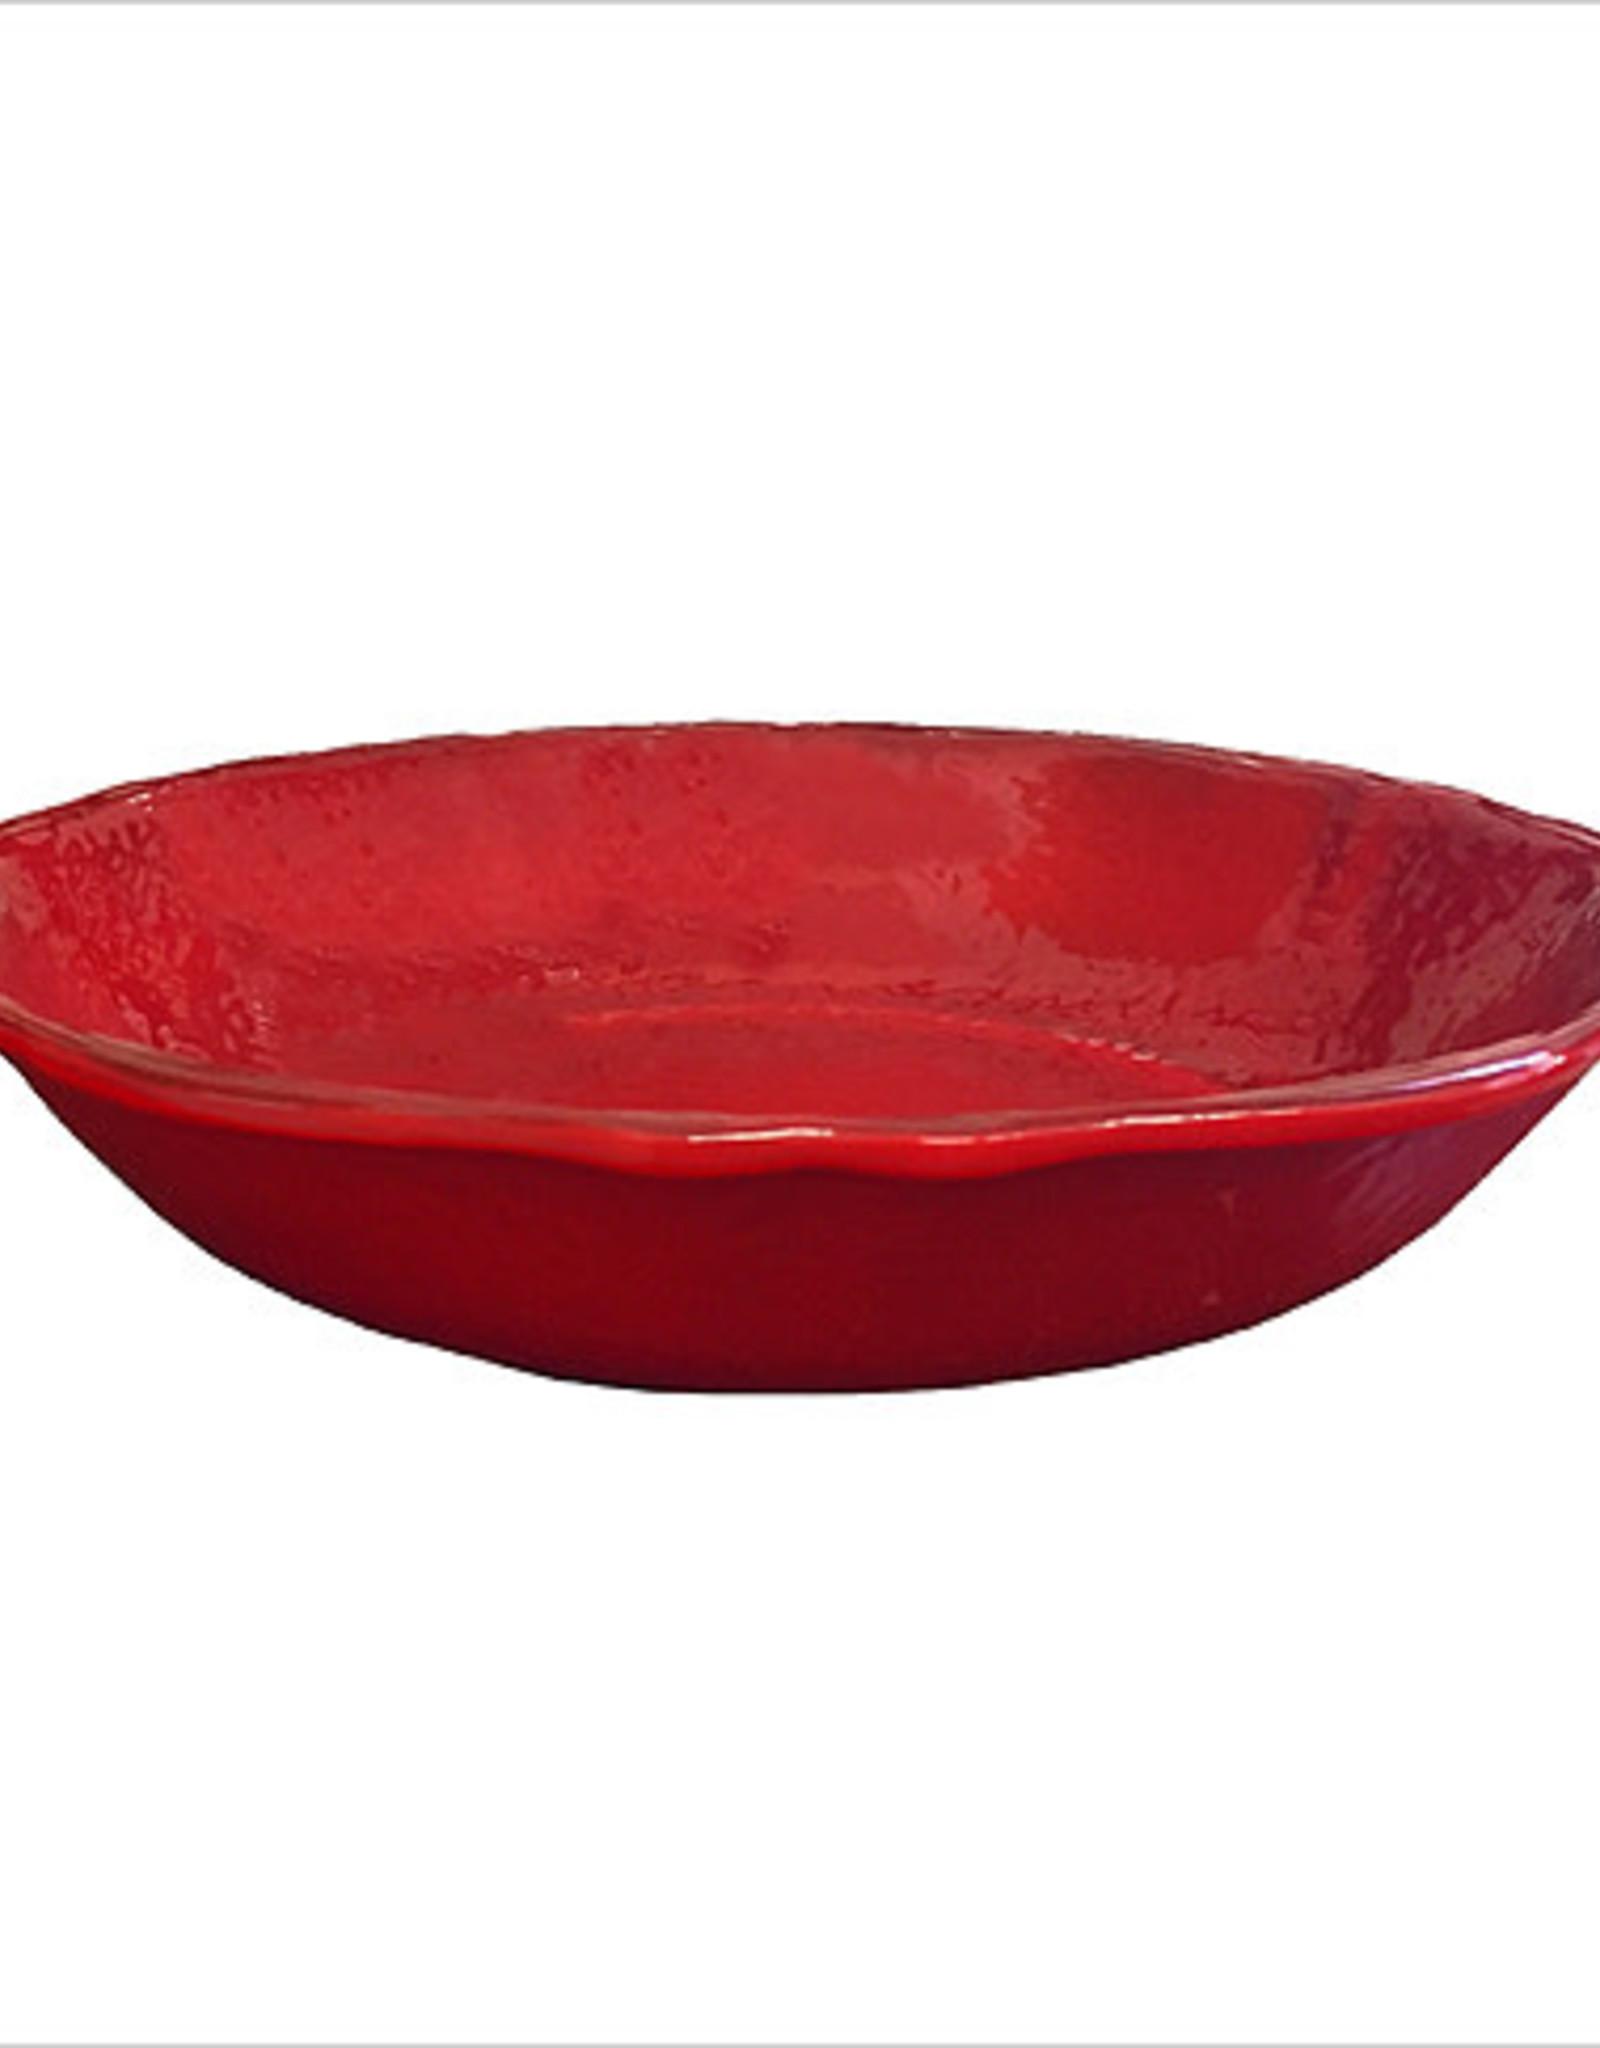 Le Cadeaux Le Cadeux Salad Bowl